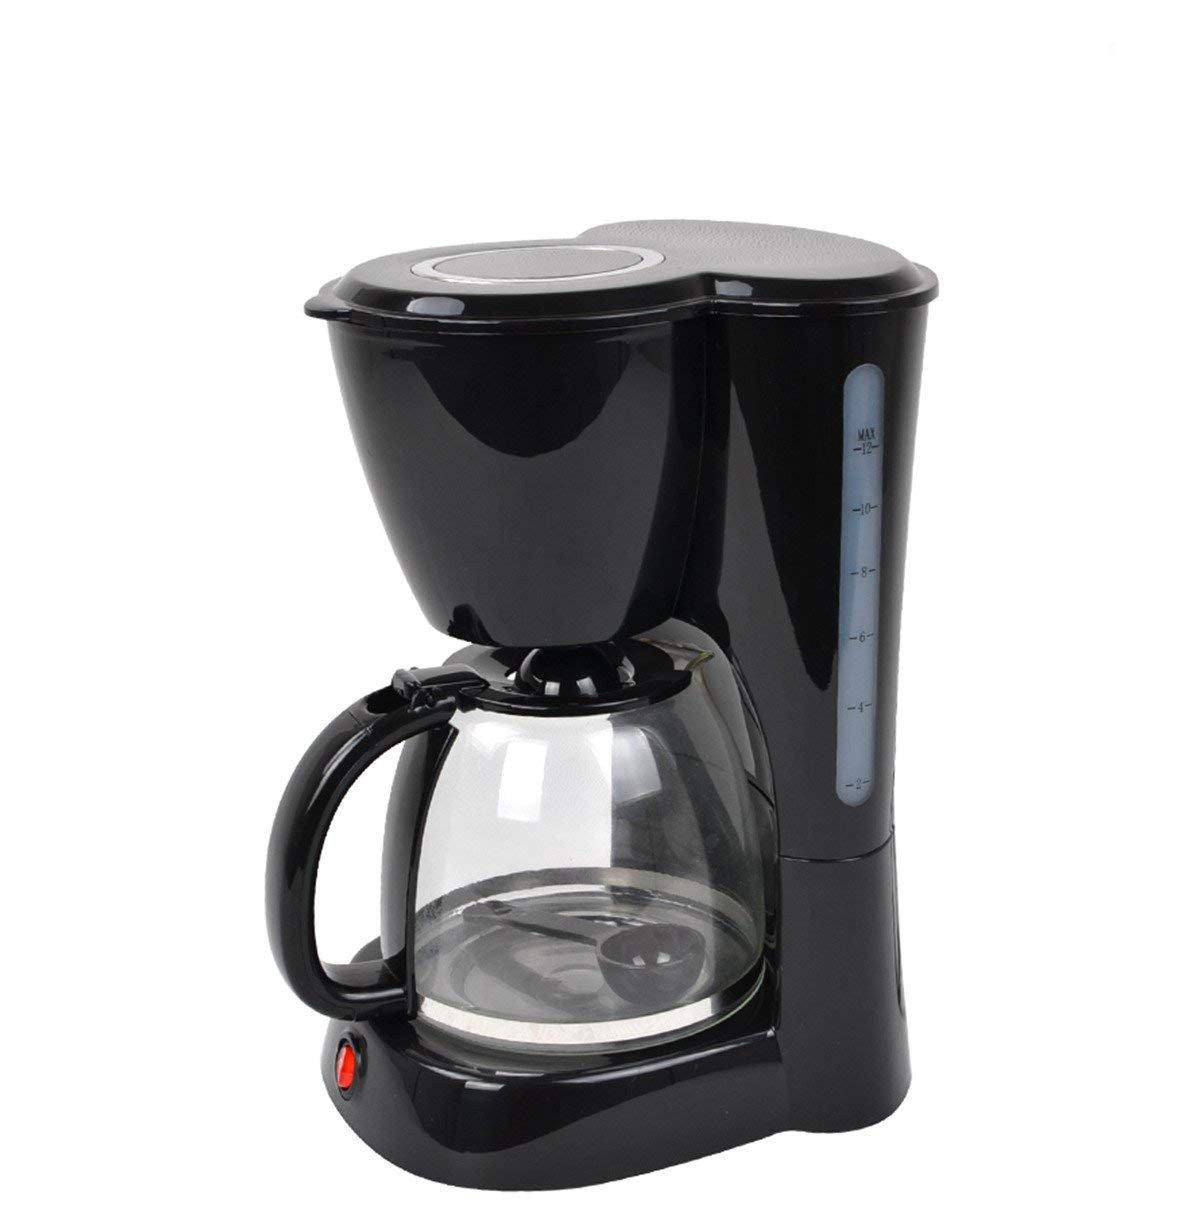 大人気の 1.5L 12-Cup Drip Coffee with Maker Thermal Steel, Coffeemaker Drip with Coffee Filter, Stainless Steel, Black 110V/220V (110V) B07586FB37, ワイシャツのトレンドスタンダード:9c979b51 --- arianechie.dominiotemporario.com